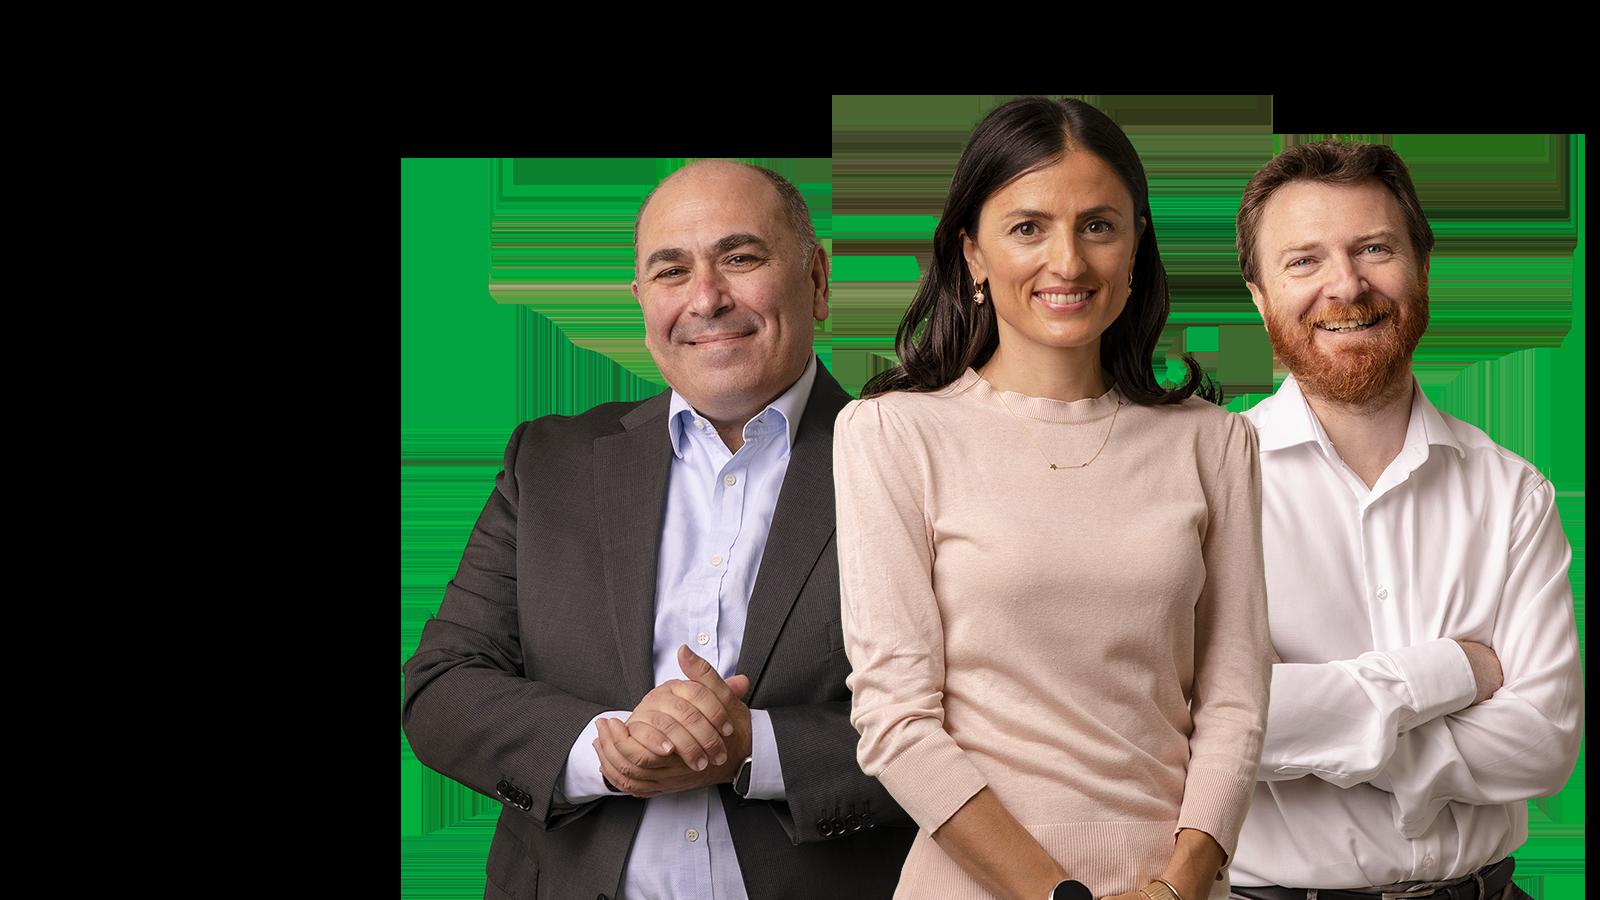 Fotografia con tre persone di AideXa: Emanuele Buttà, Isabella Strada e Giovanni Beninati